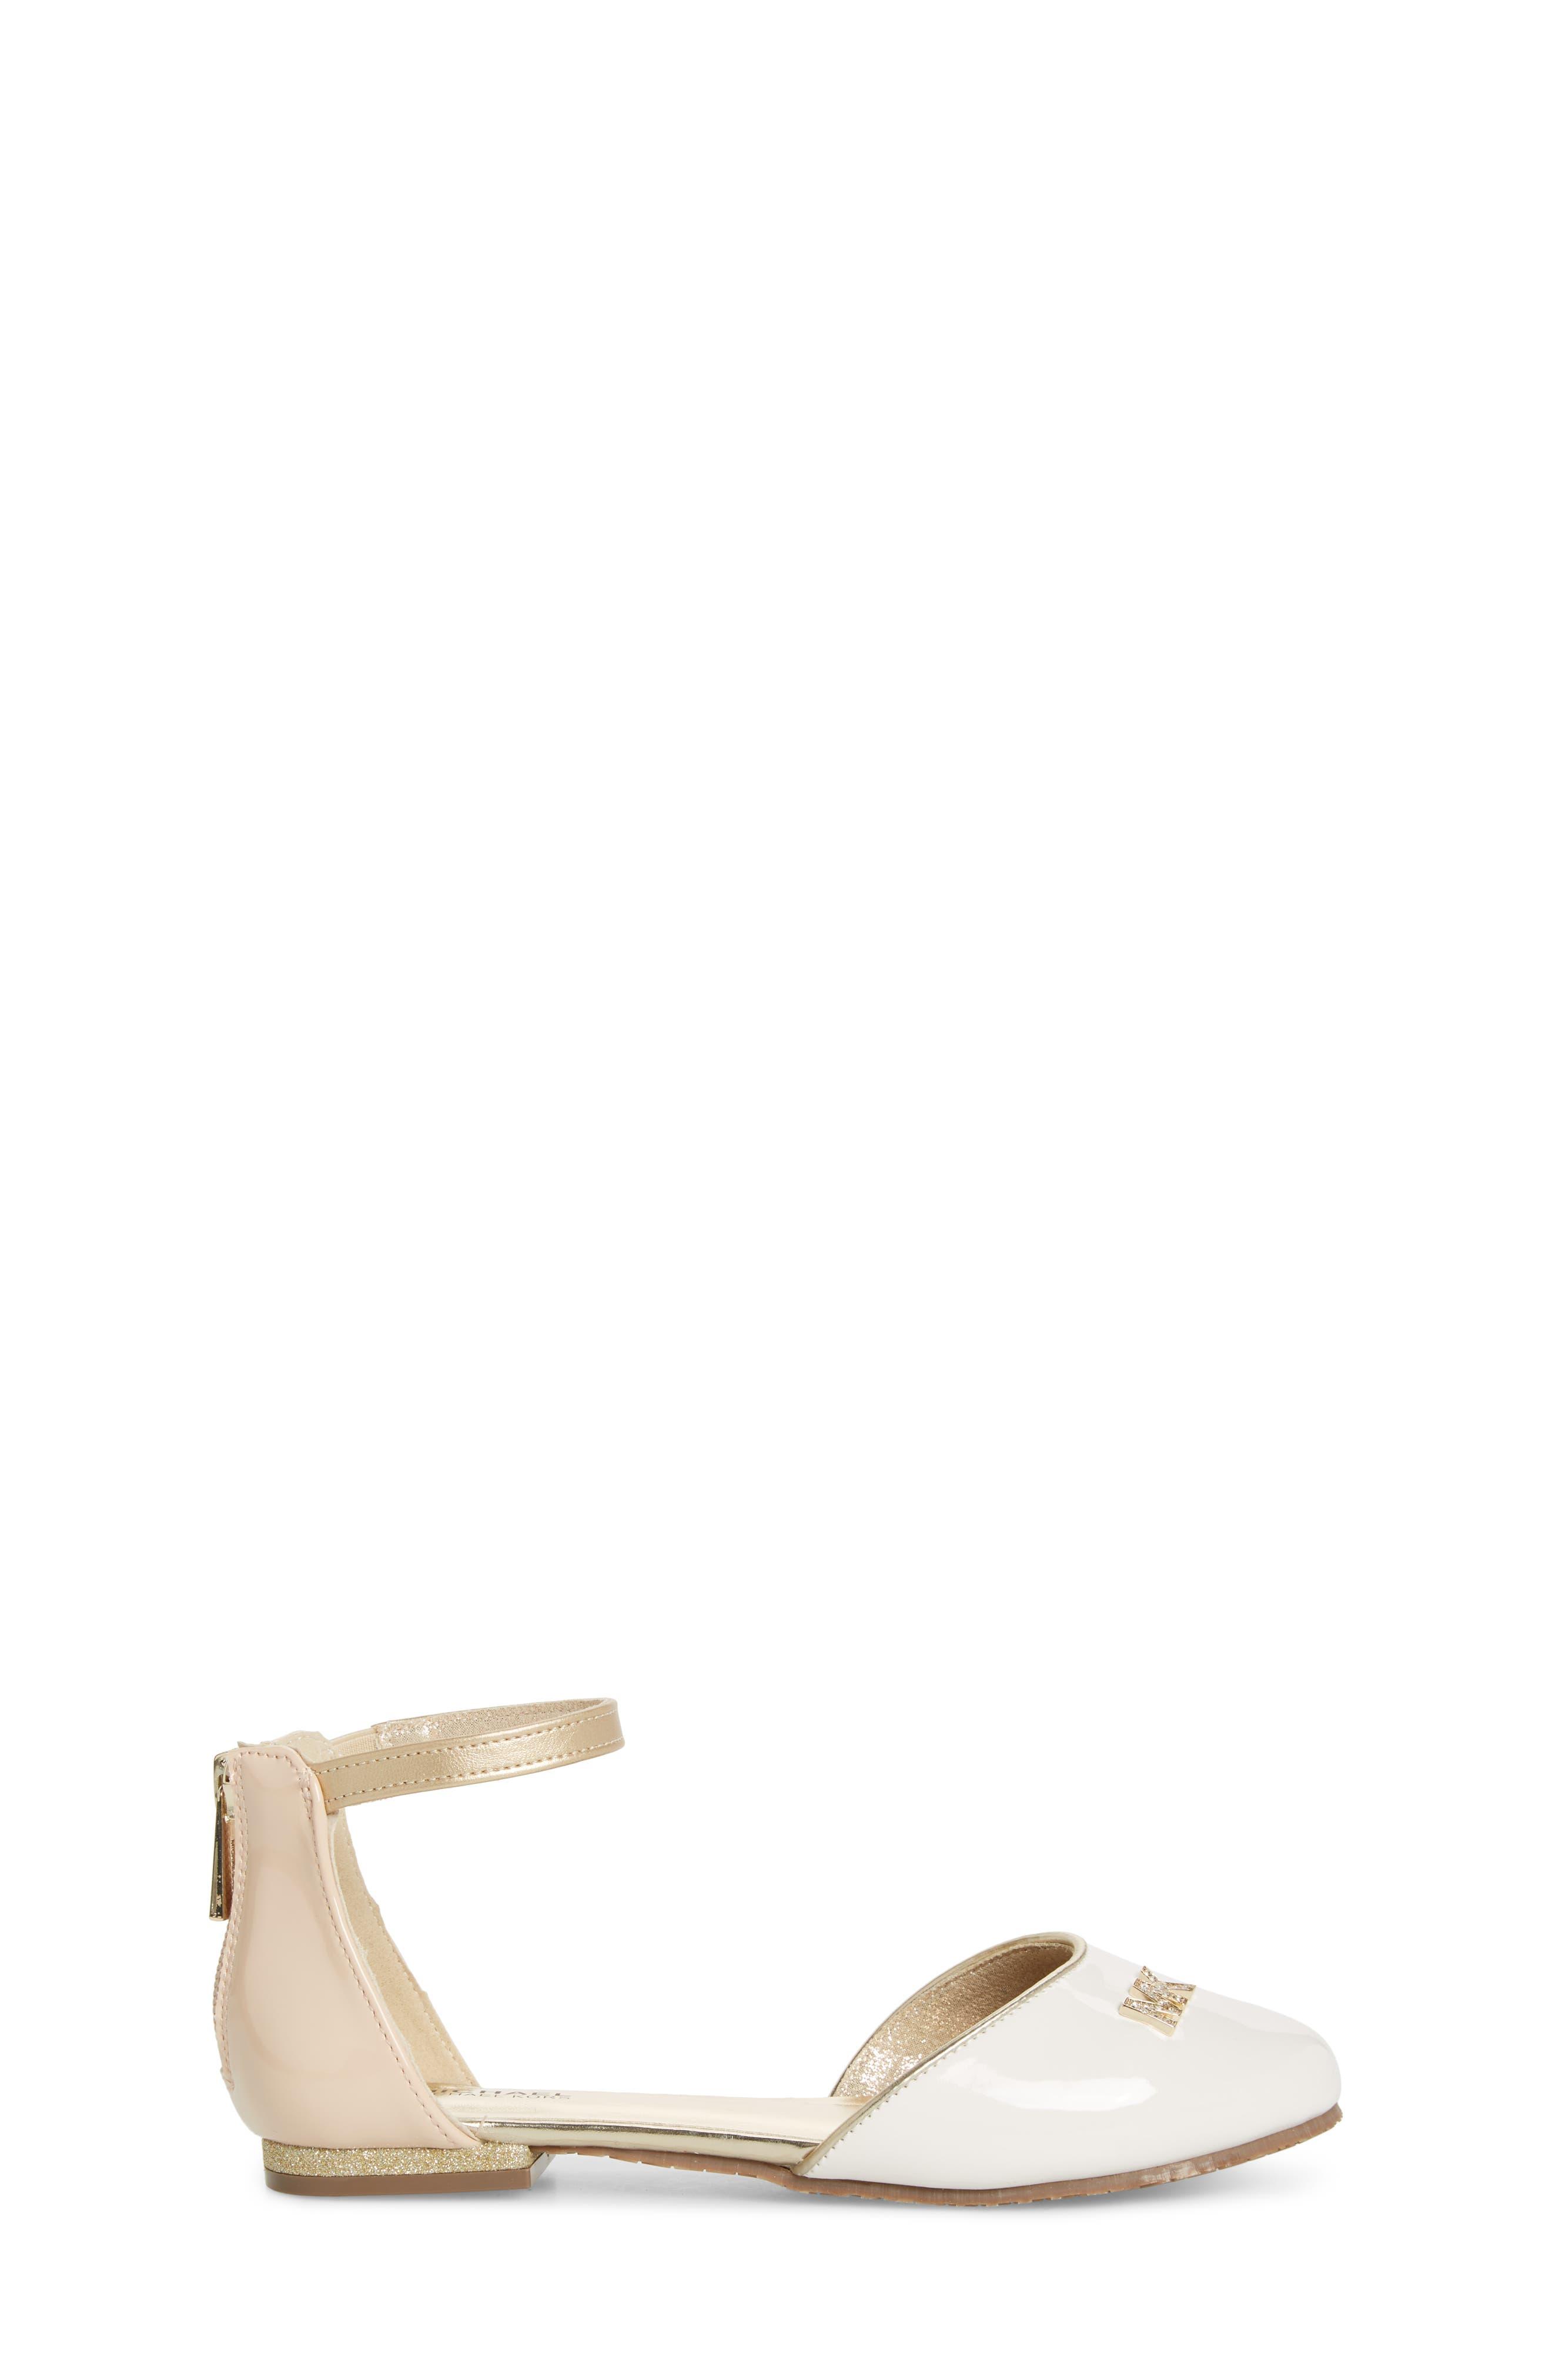 MICHAEL MICHAEL KORS, Kitten Kaisa Glitter Heel Sandal, Alternate thumbnail 3, color, GOLD MULTI